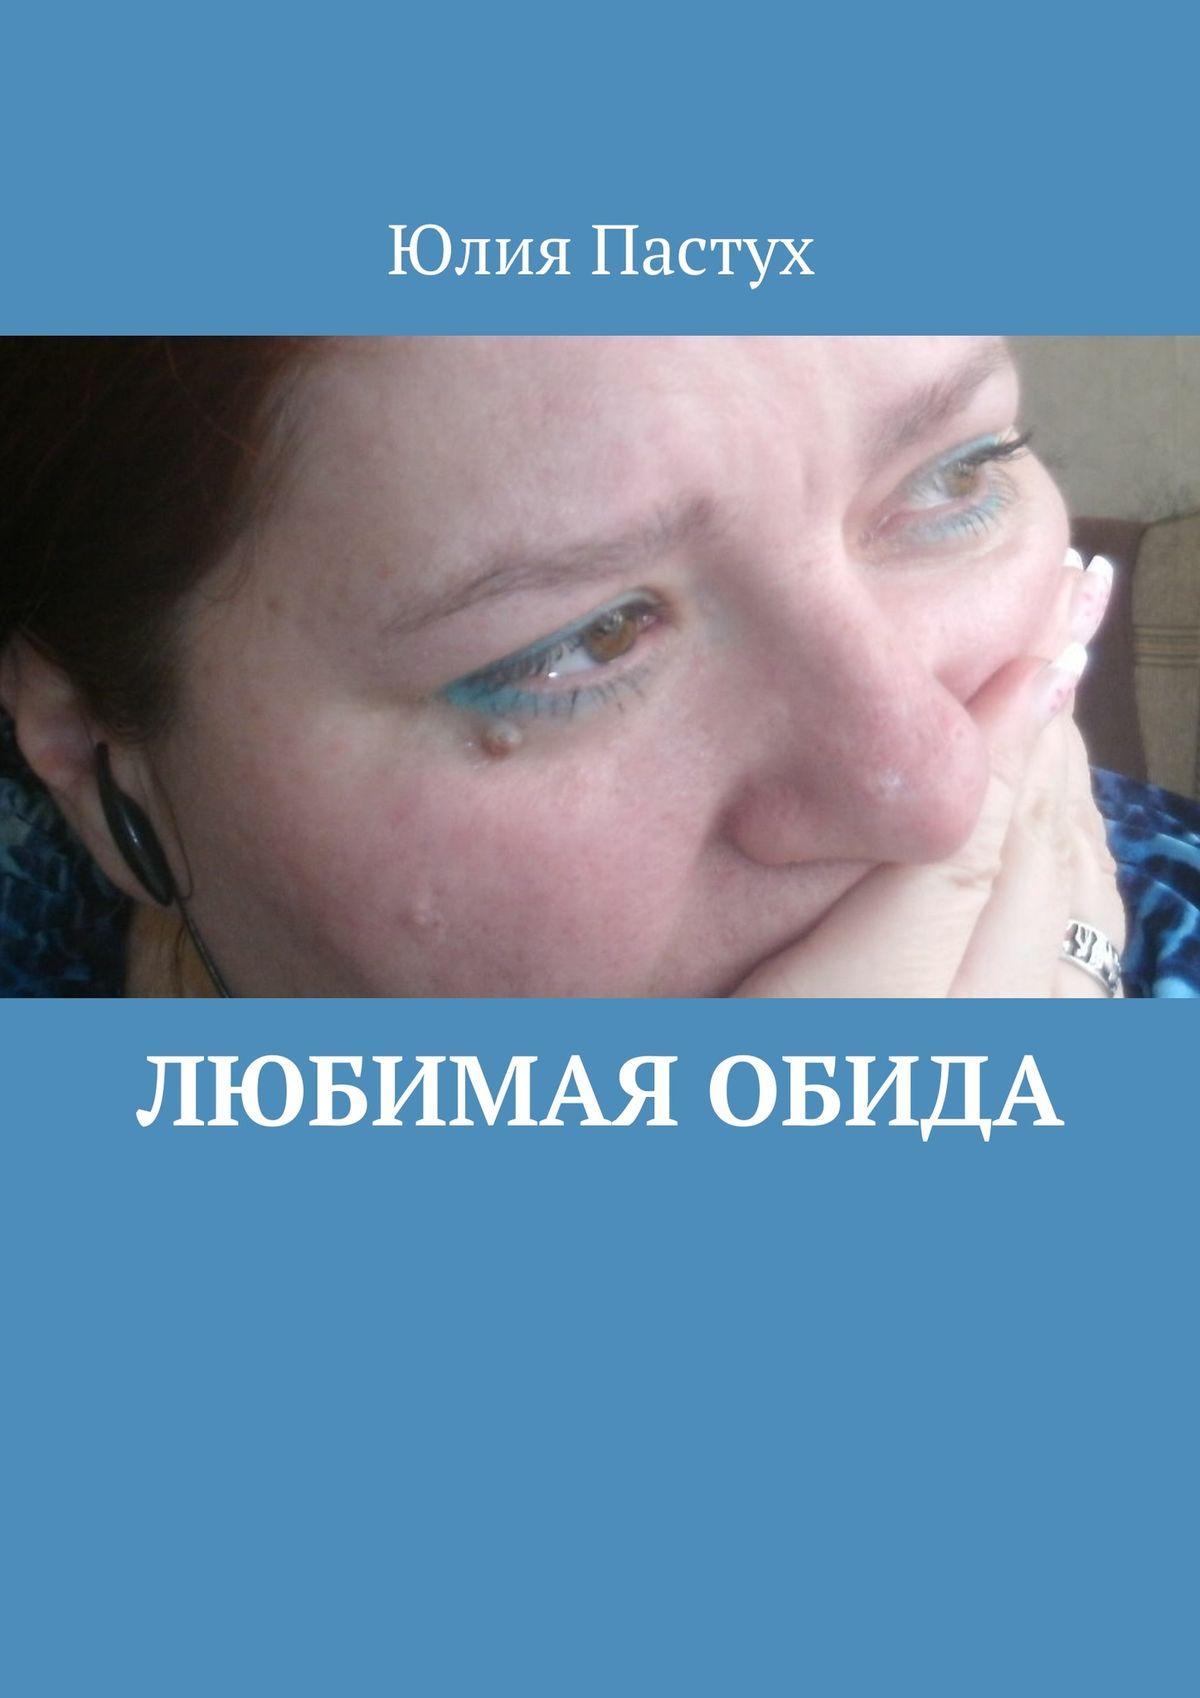 Юлия Пастух Любимая обида юлия пастух любовь впариже